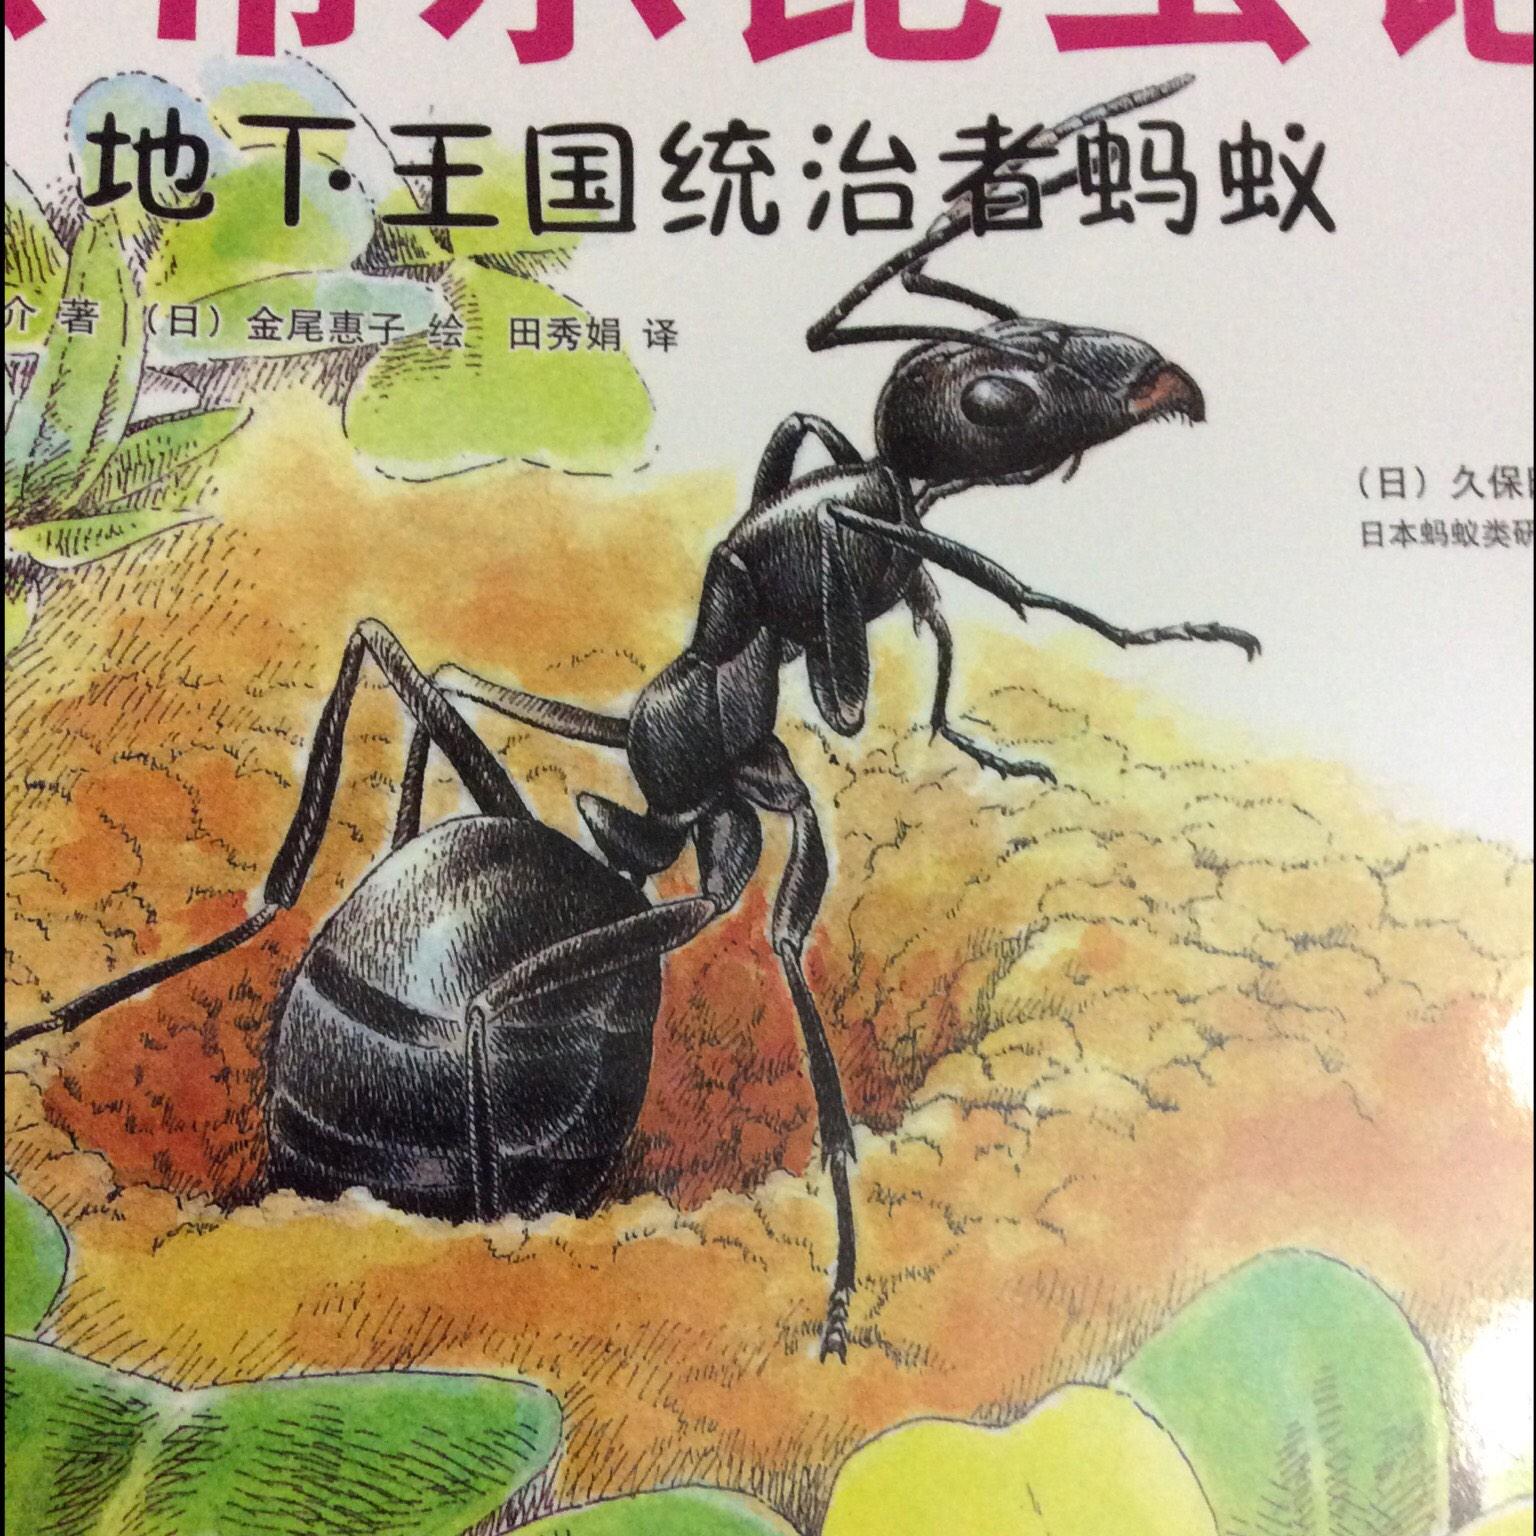 【最美的法布尔昆虫记】在线收听